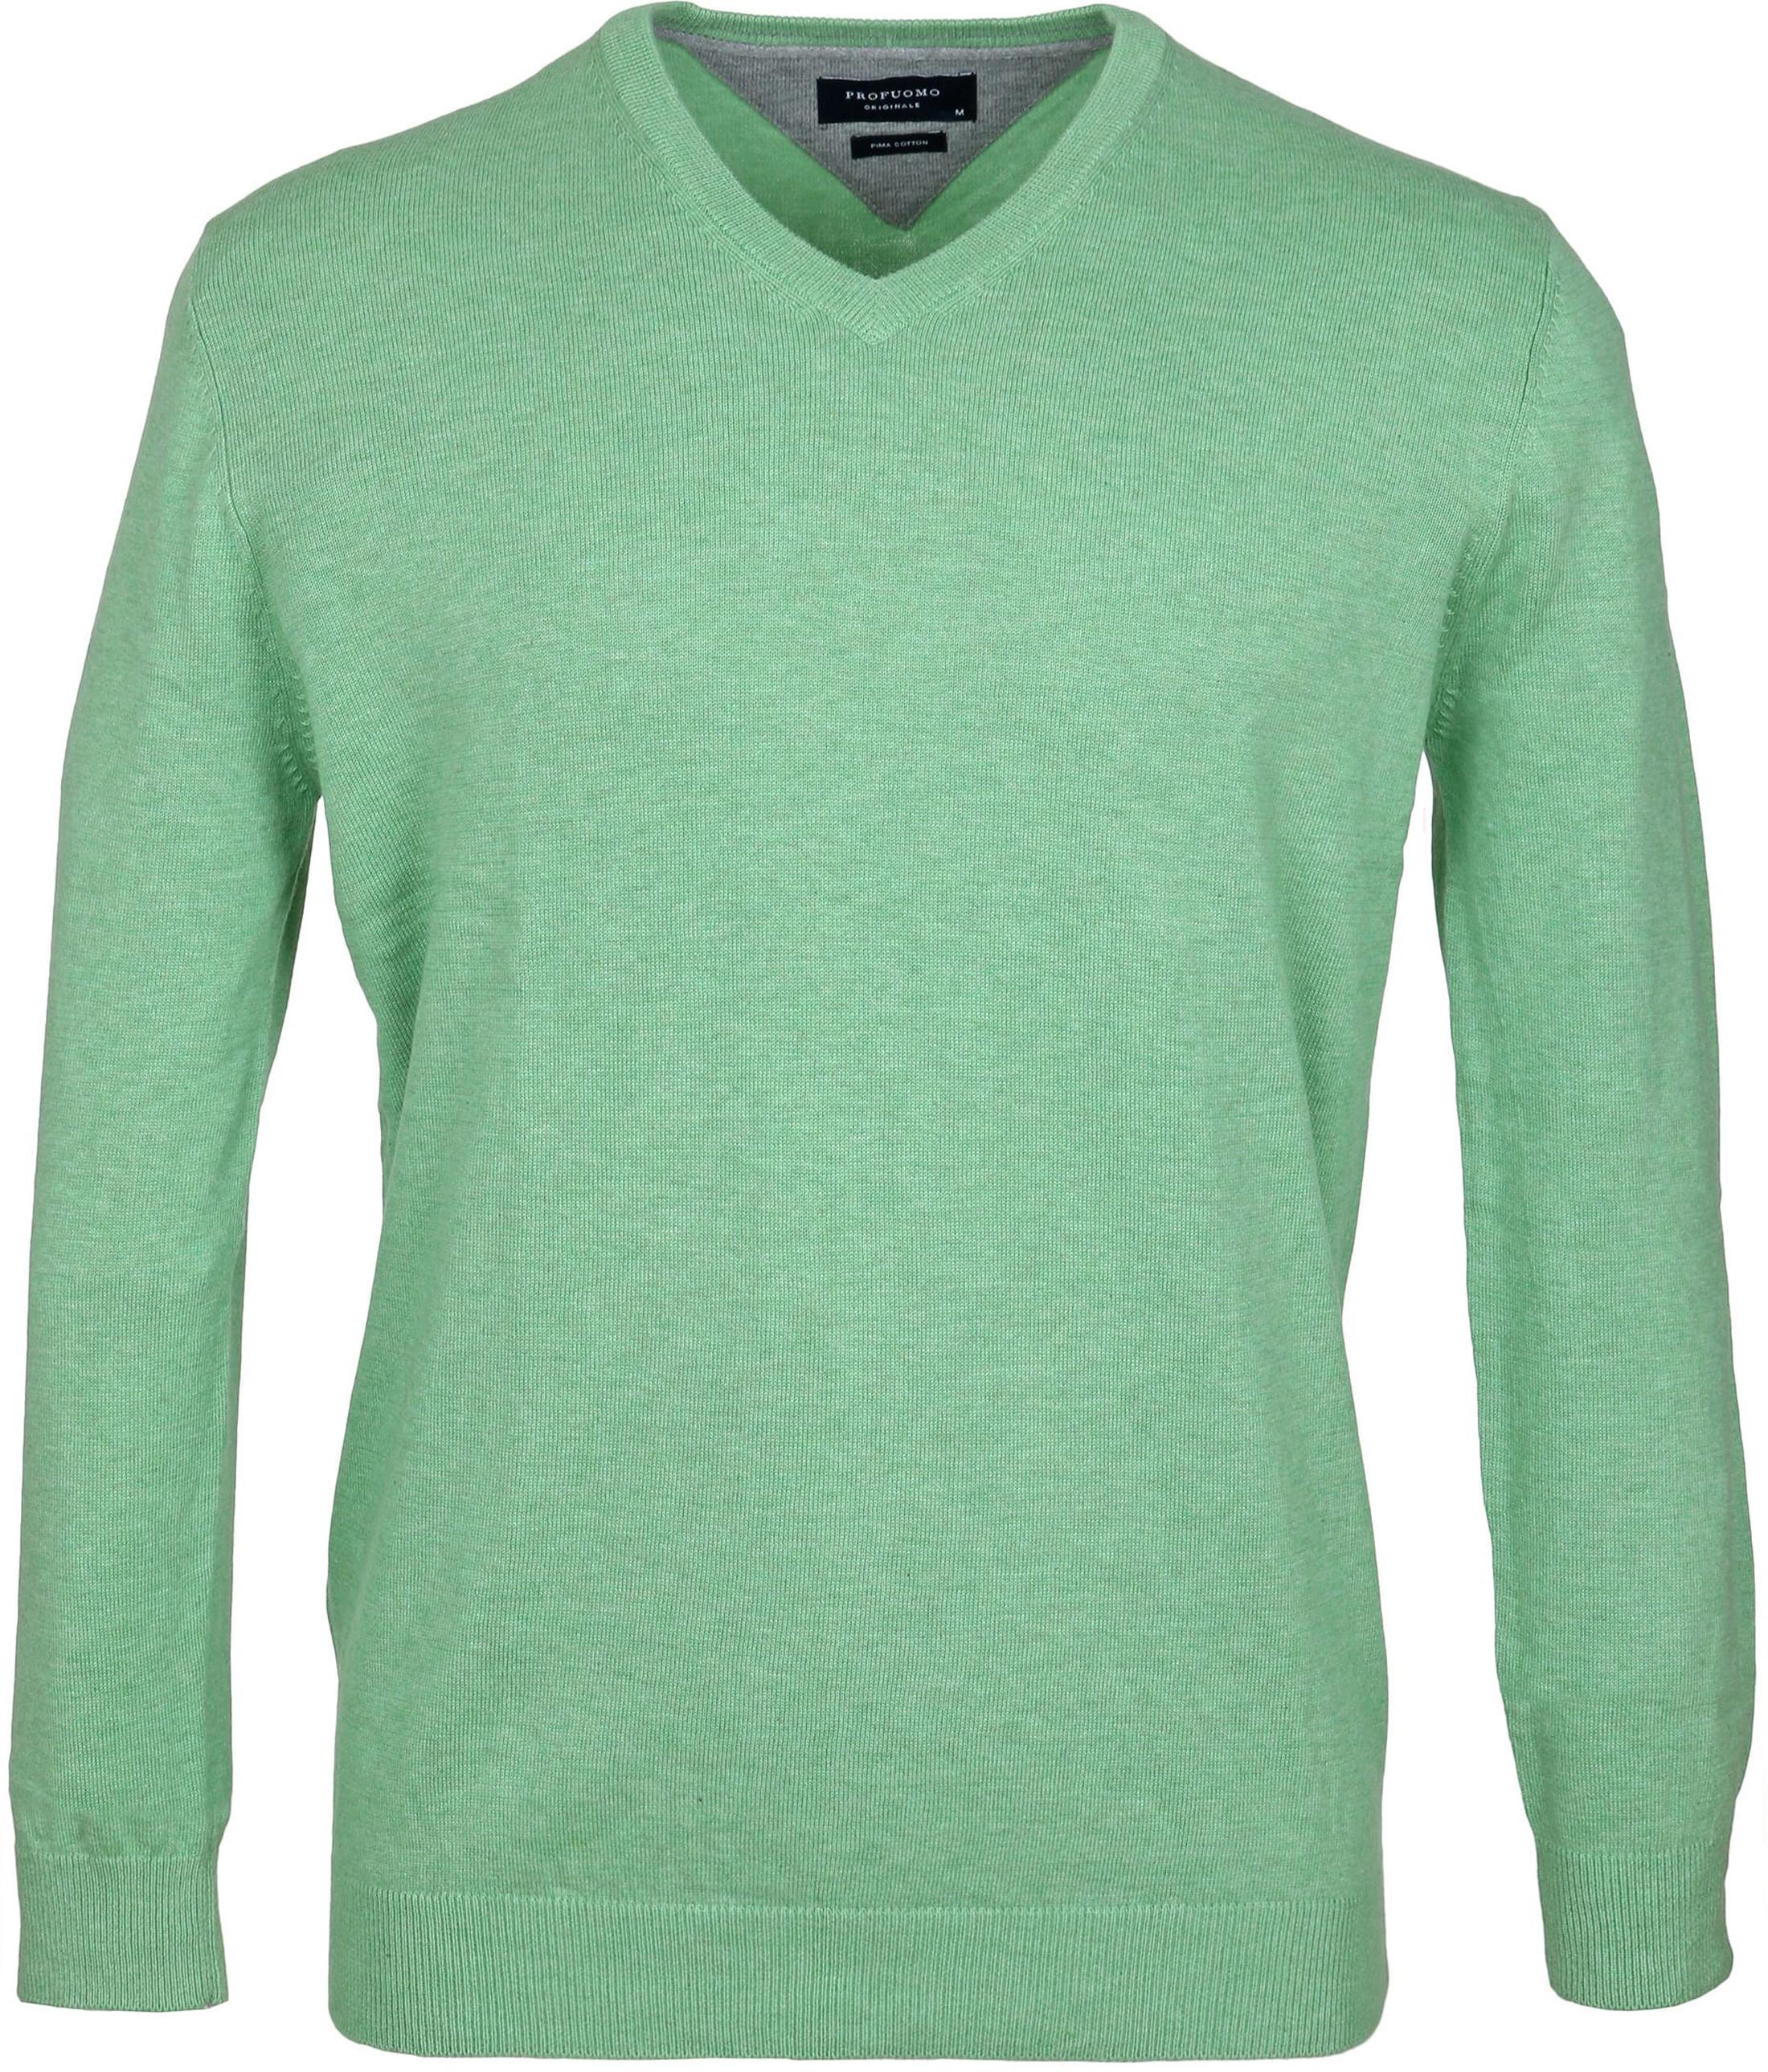 Profuomo Pullover V-Hals Groen foto 0